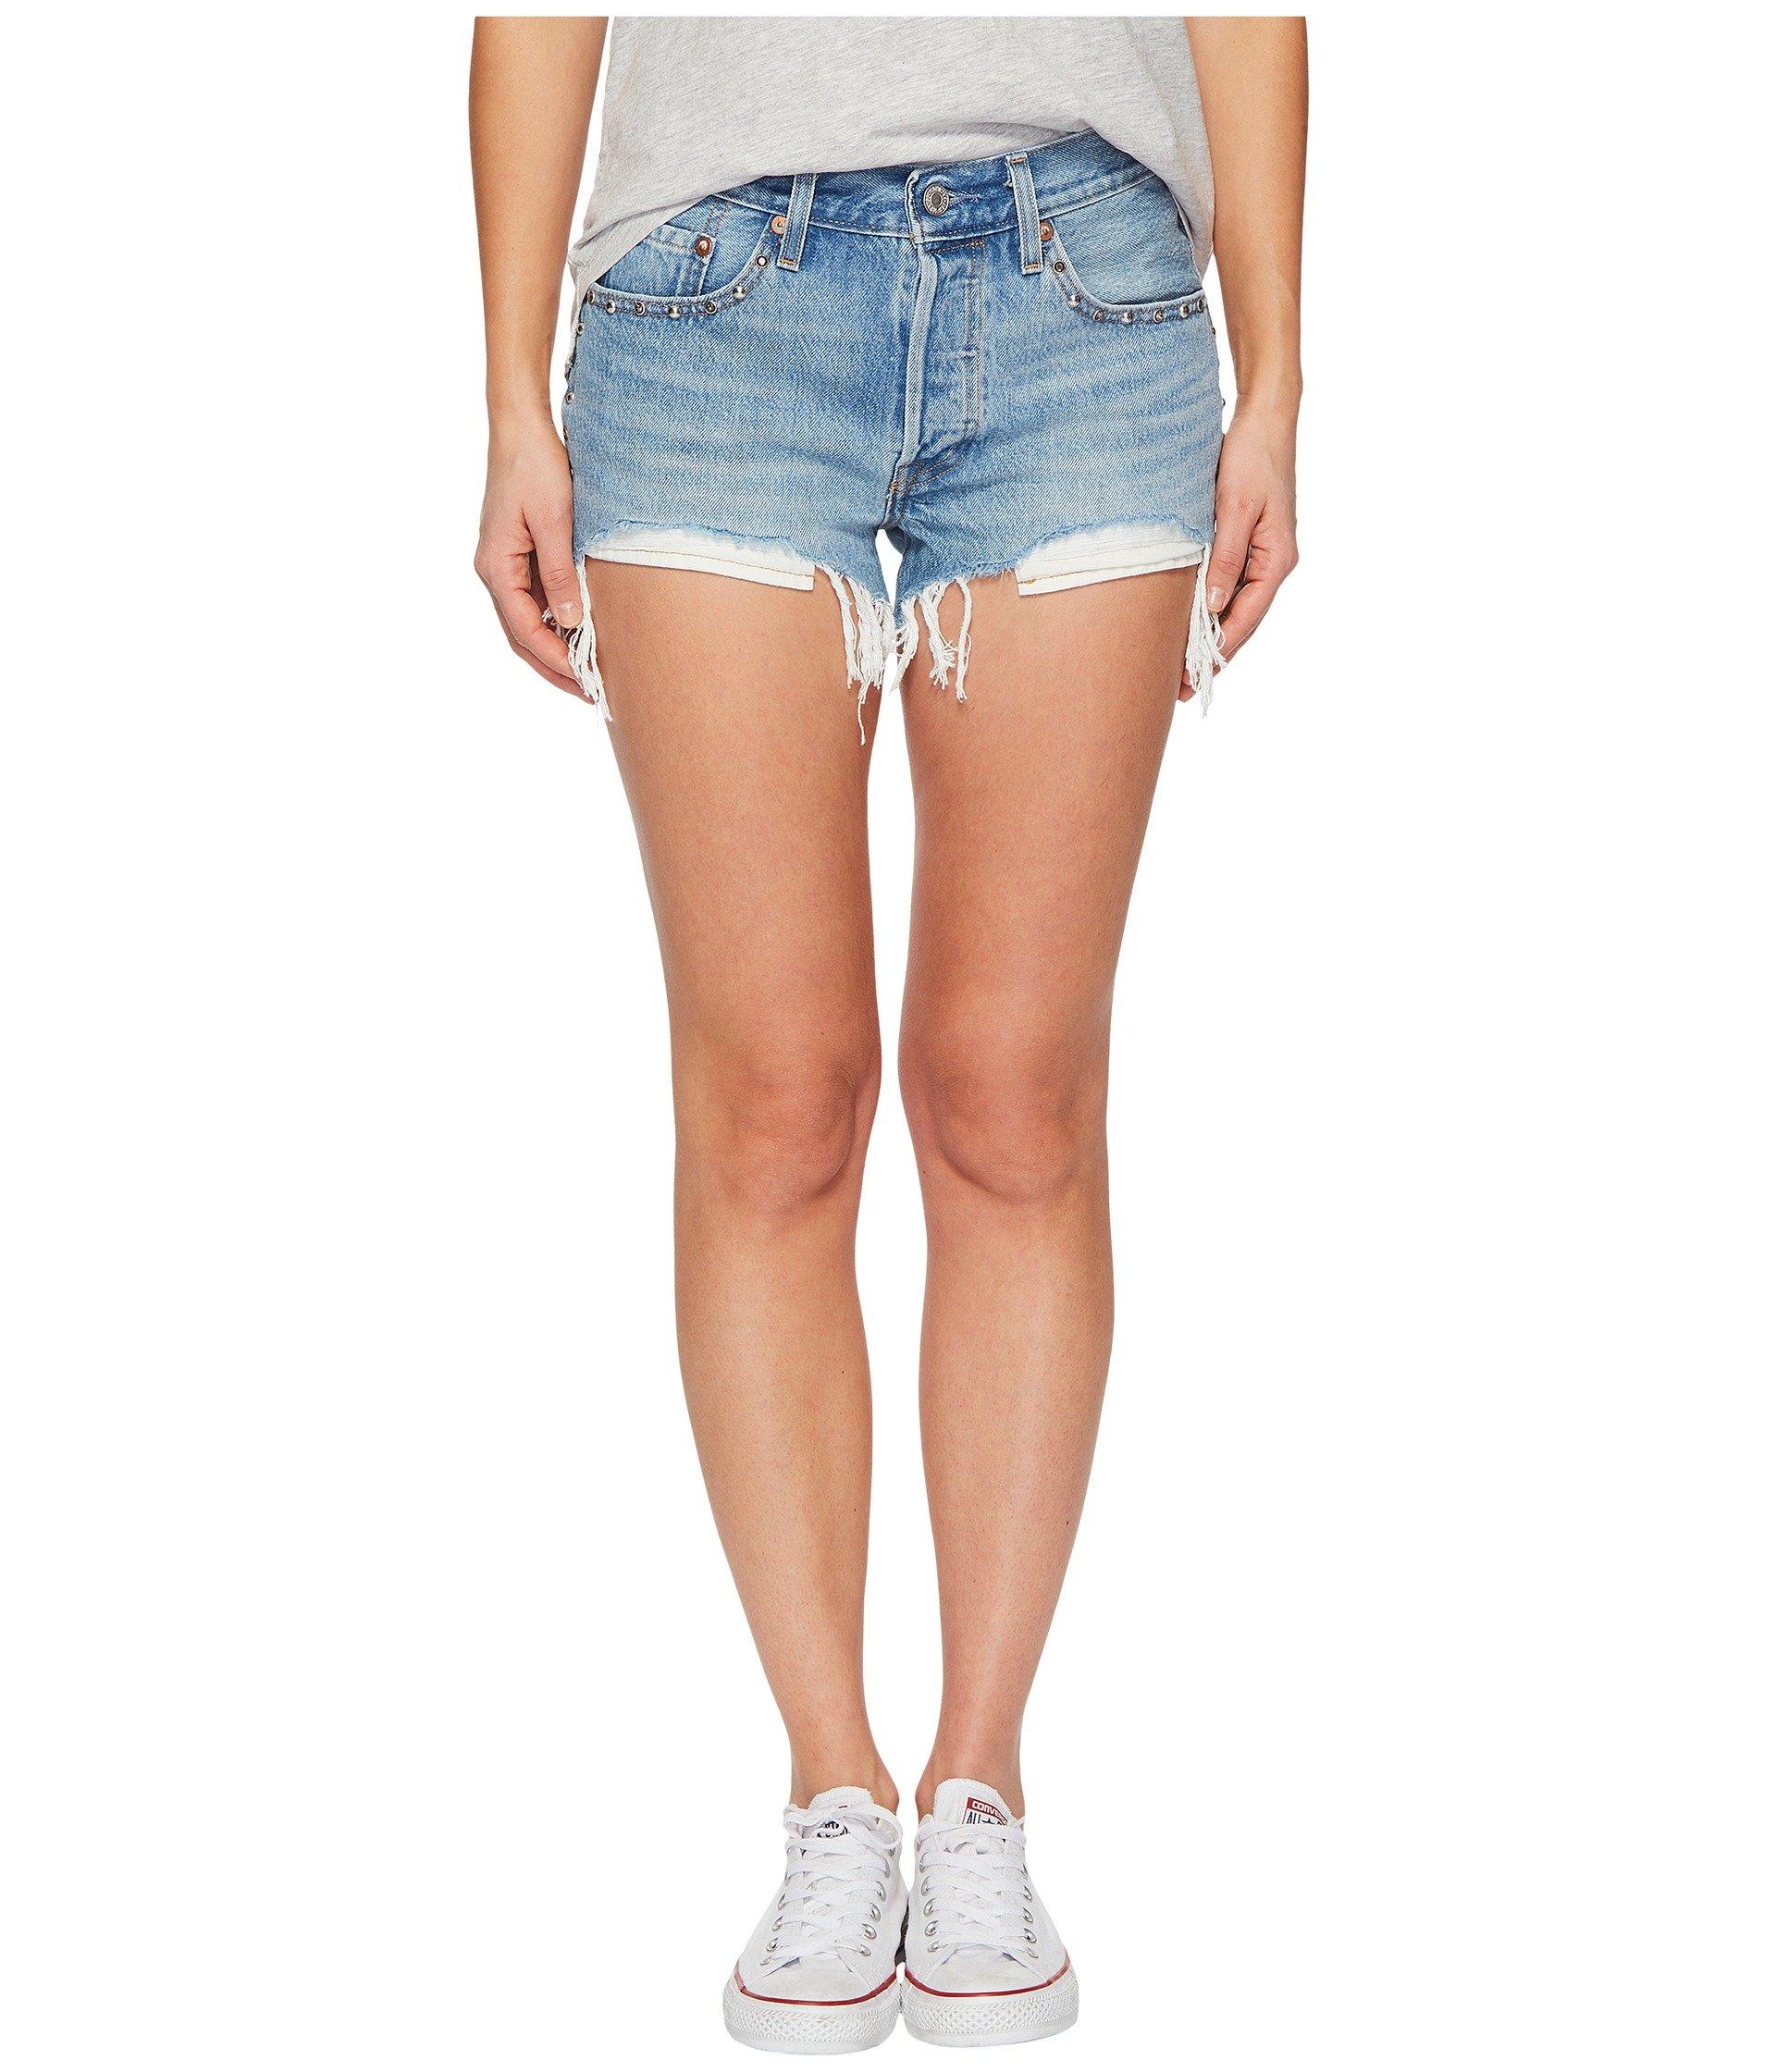 Levi's Women's 501 Shorts, Hotline Bling 26 (US 2)